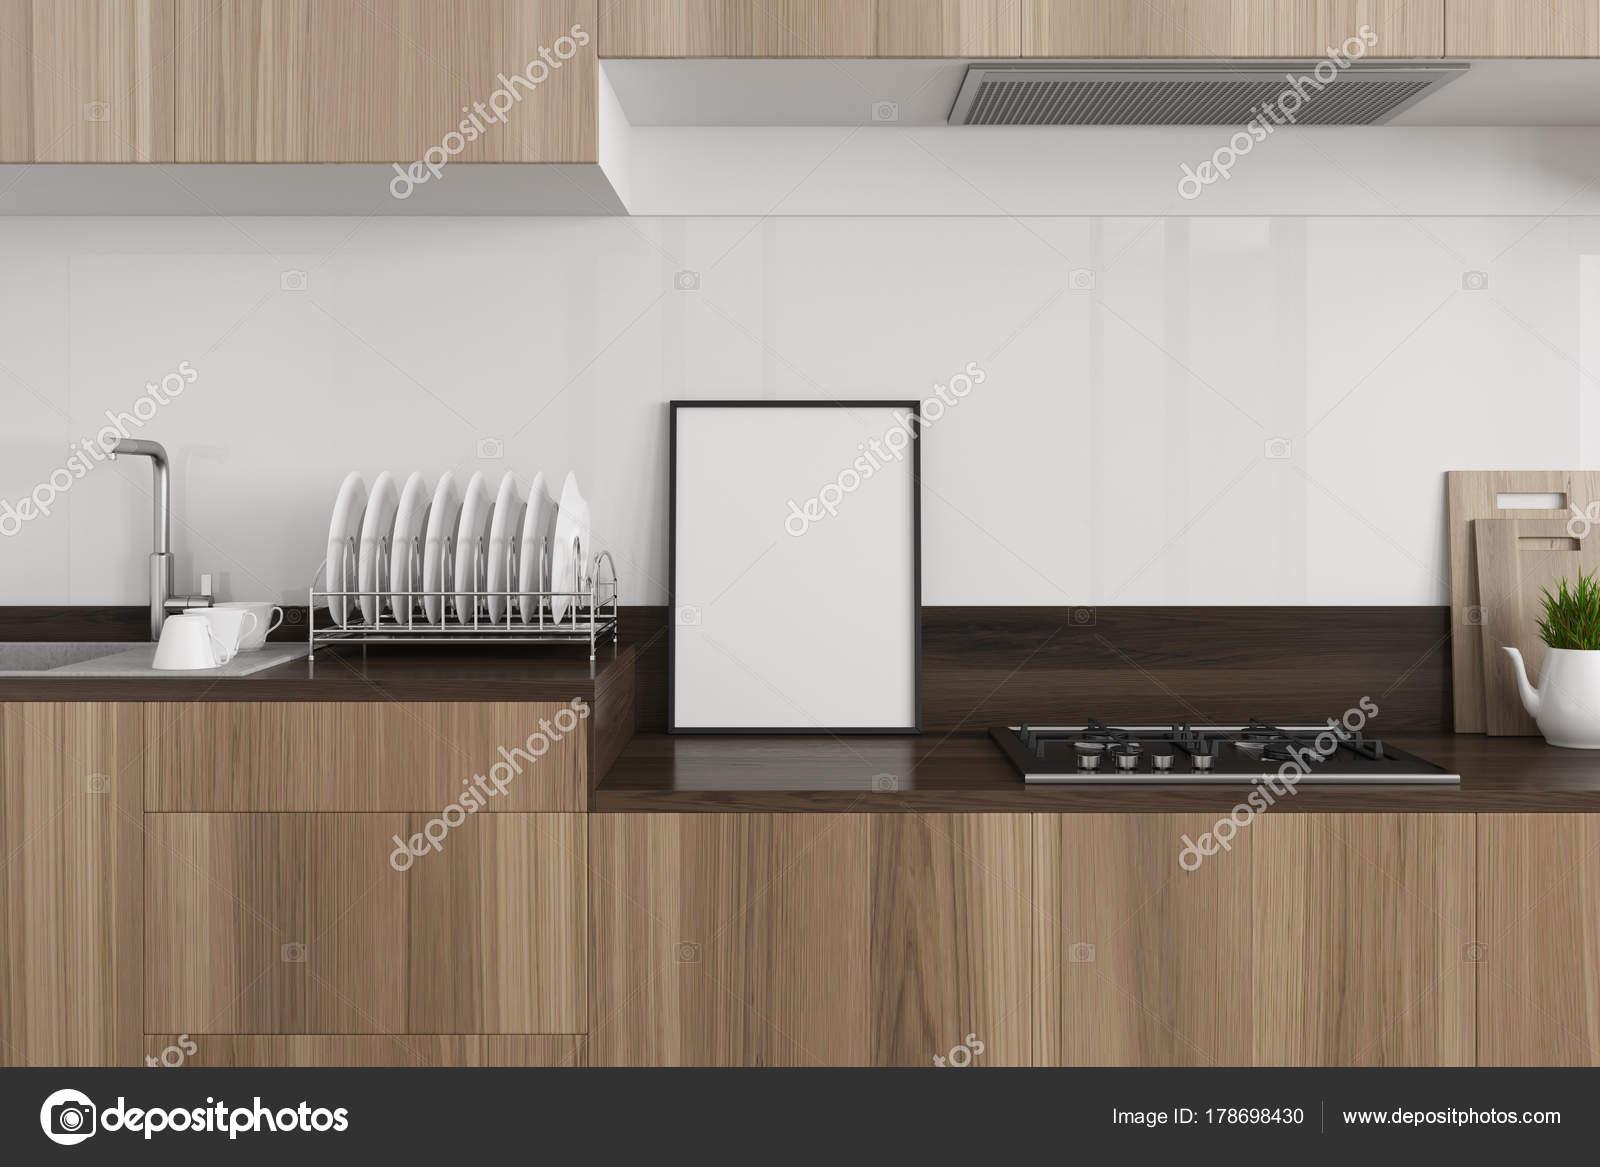 Weiße Küche, dunklen Holz Arbeitsplatte, poster — Stockfoto ...